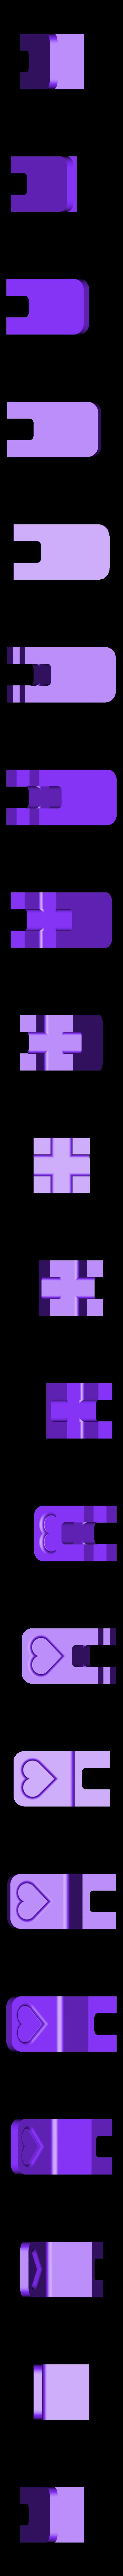 Assembly_House_2_-_Chair.stl Télécharger fichier STL gratuit Petit maison en jouet • Design à imprimer en 3D, crprinting